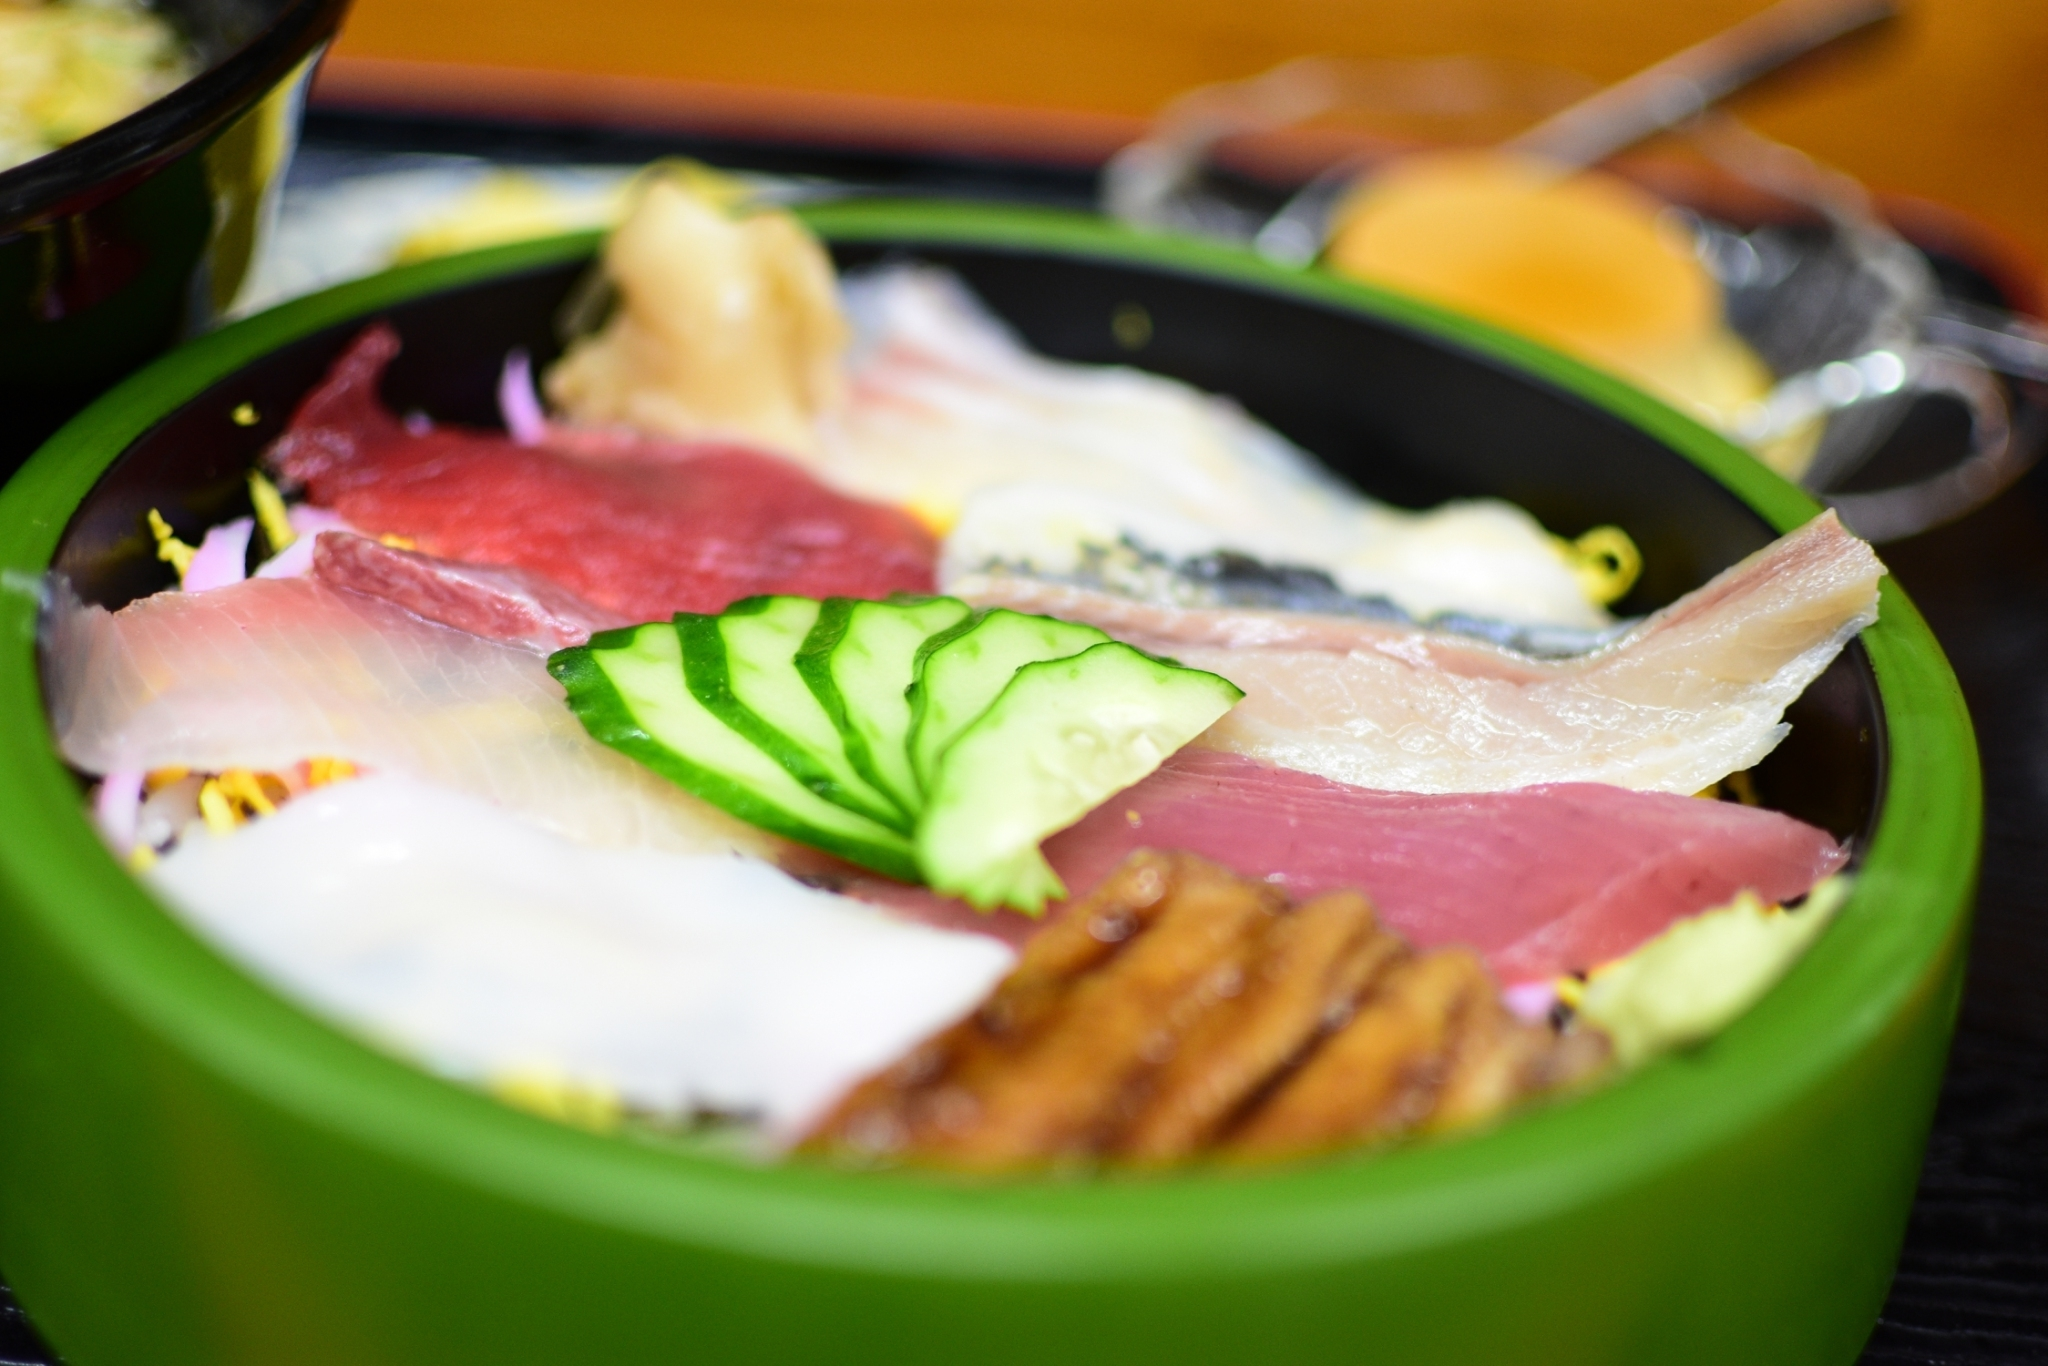 穴場!新鮮海鮮ちらし寿司が食べれるお店「幸寿司」